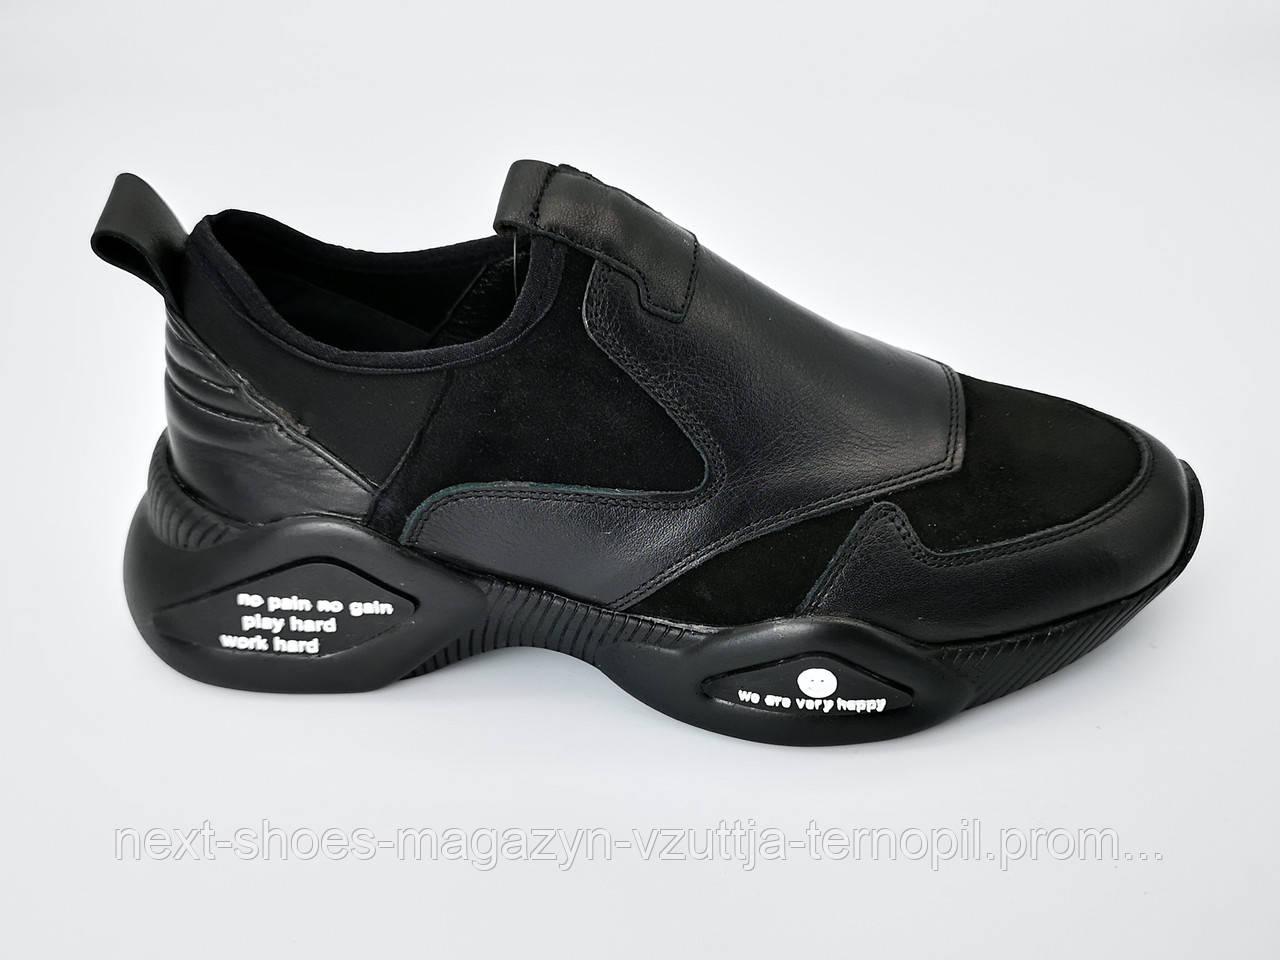 Кроссовки женские черные Evromoda Турция демисезонные арт 03-43-284394 модель 4950